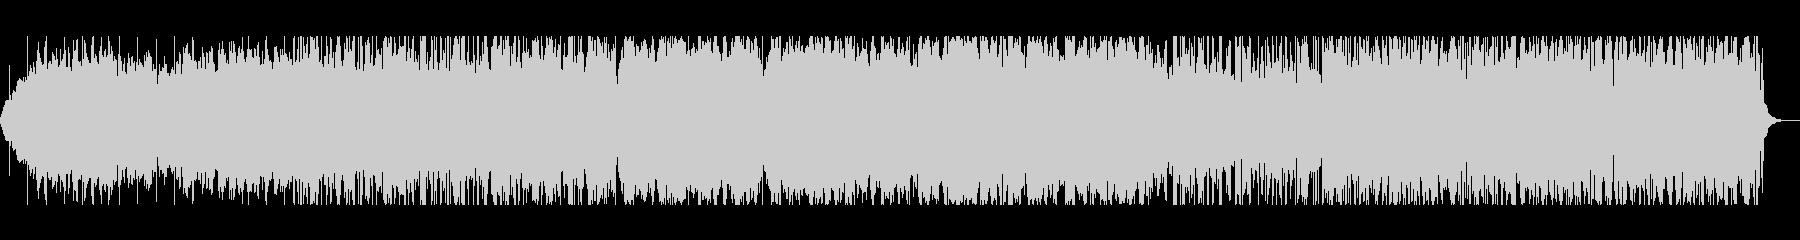 ブラックミュージック風ローファイの未再生の波形